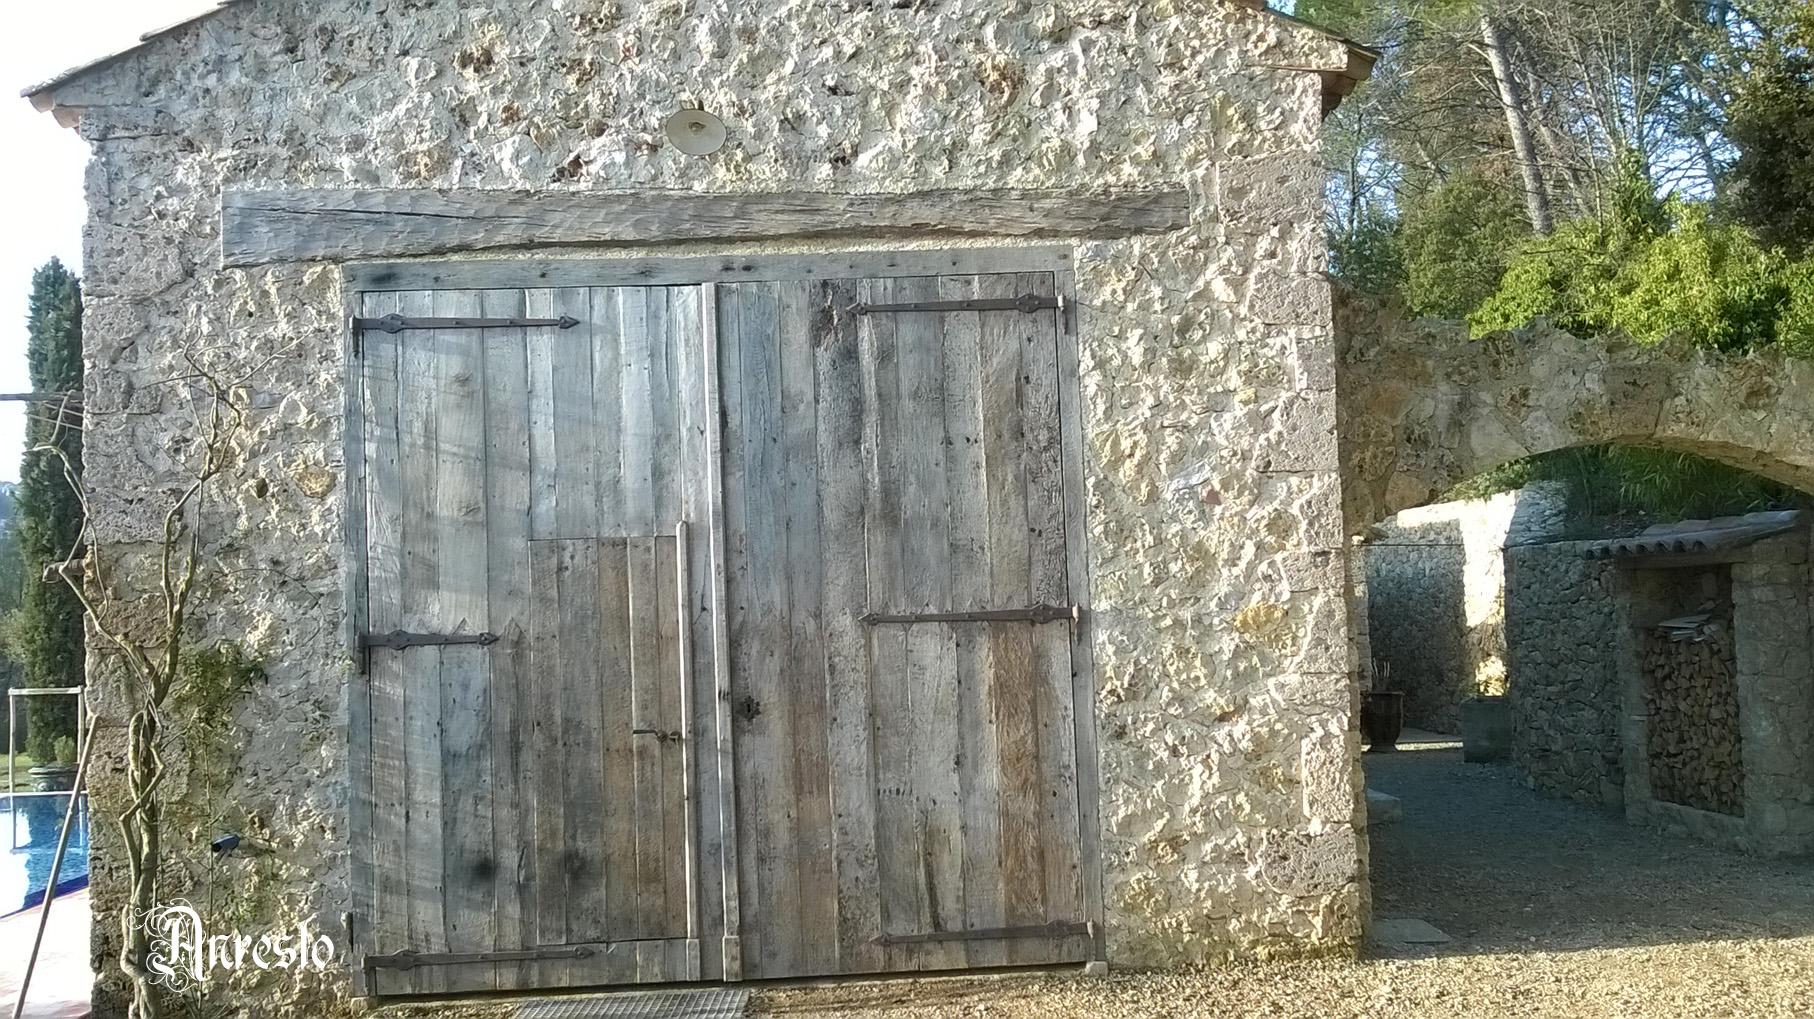 Ref. 54 - Antieke bouwmaterialen, oude historische bouwmaterialen